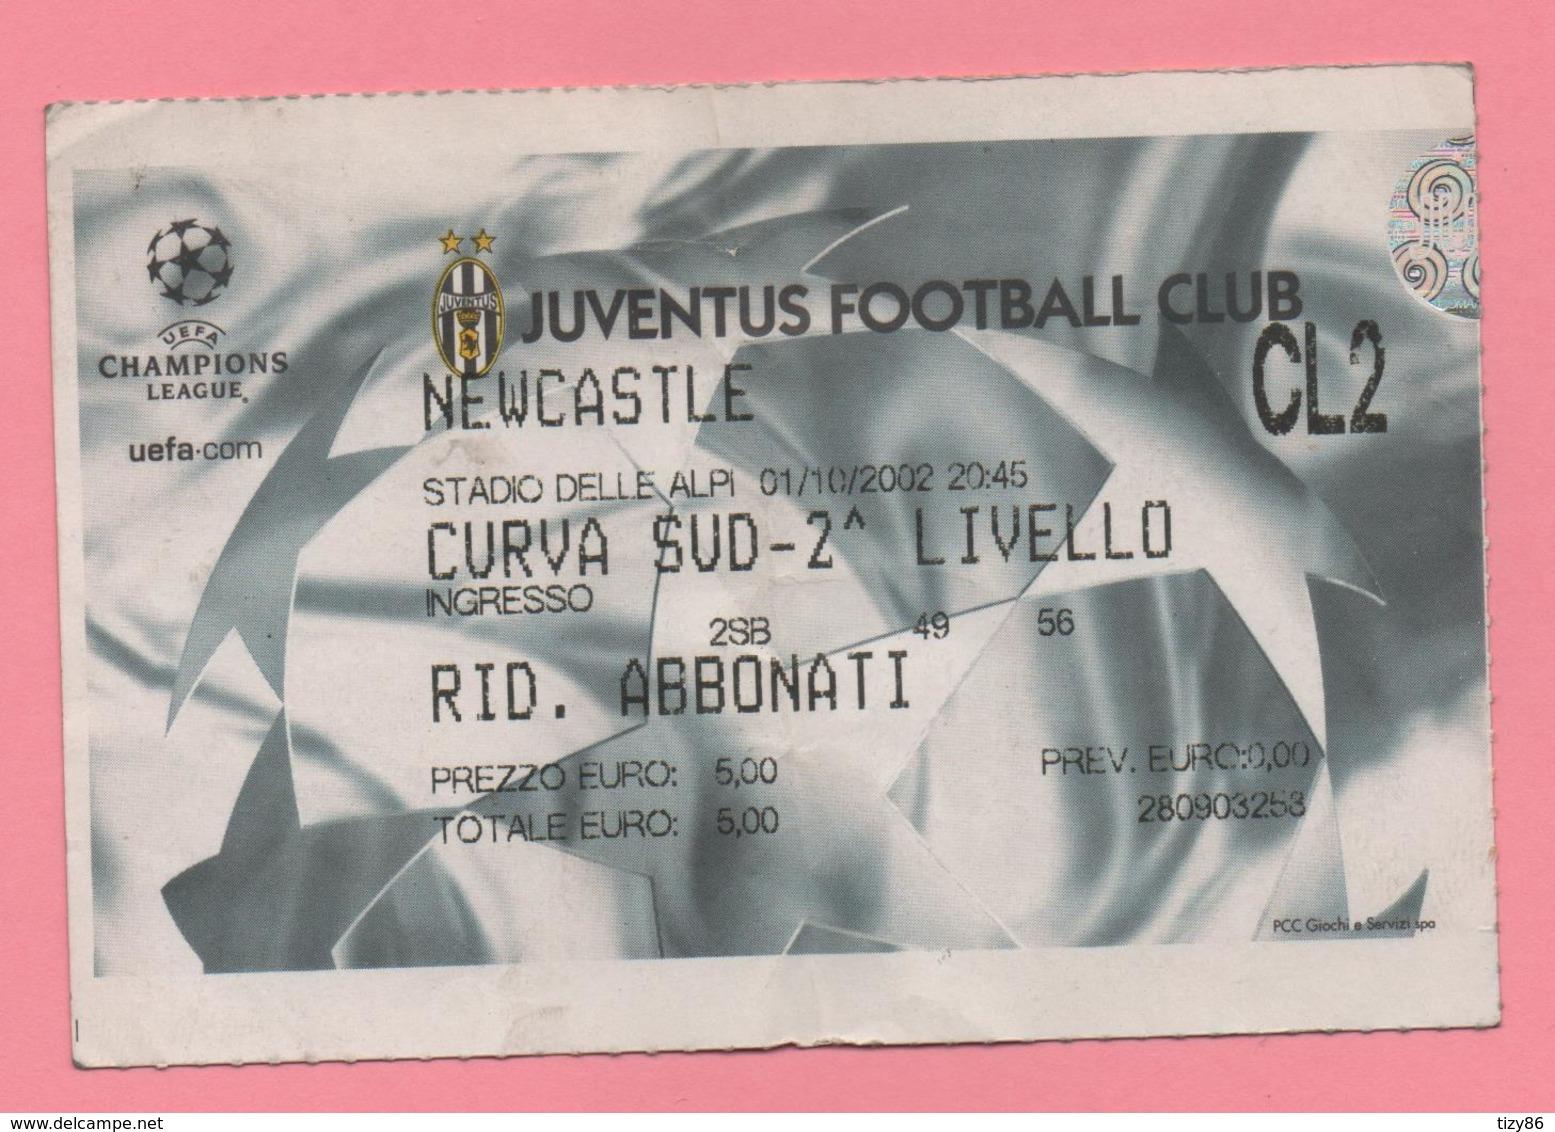 Biglietto D'ingresso Stadio Juventus Newcastle 2002 - Tickets - Vouchers